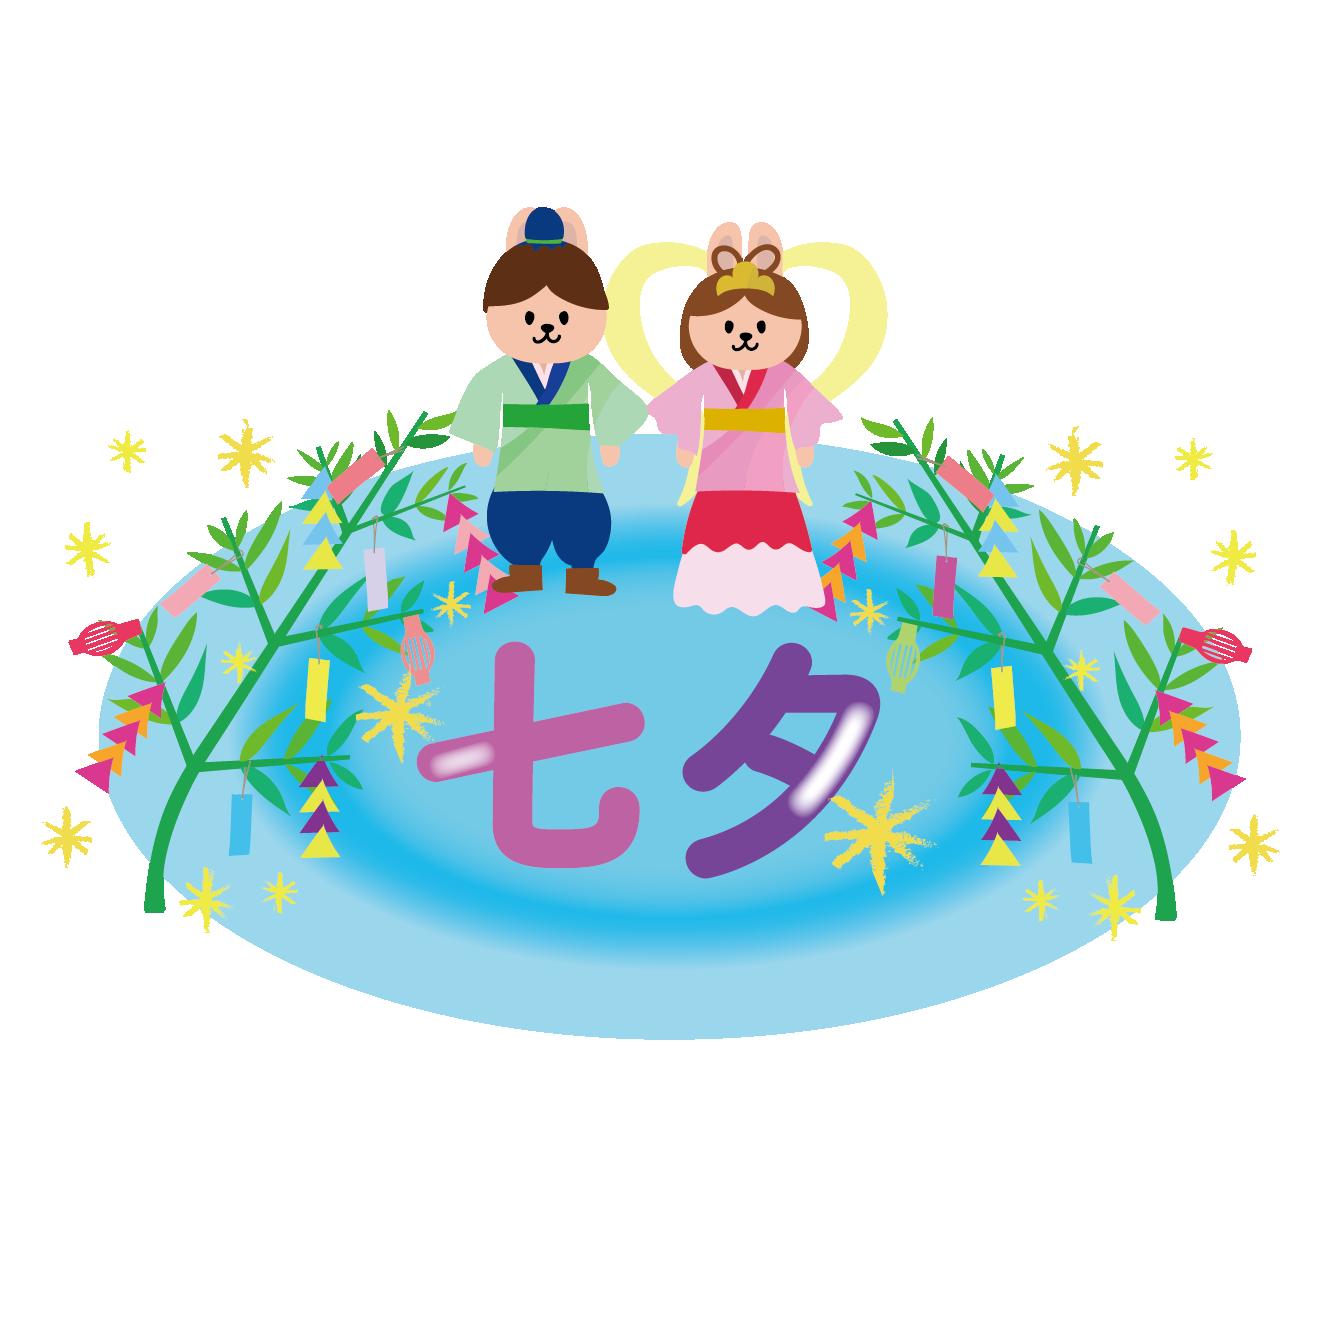 七夕の文字(ロゴ)漢字のイラスト